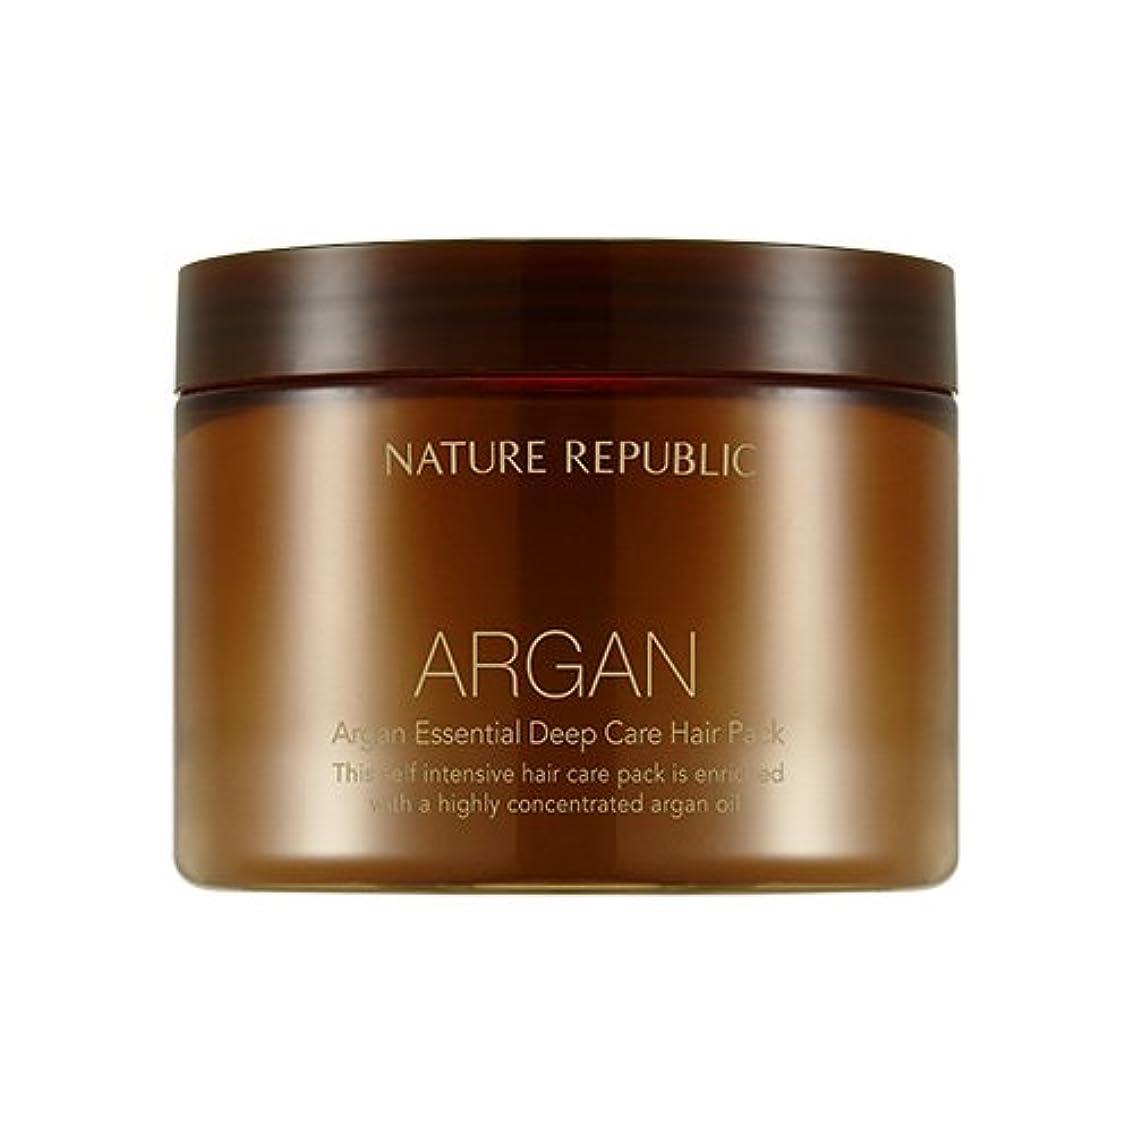 失望技術頬NATURE REPUBLIC Argan Essential Deep Care Hair Pack 470ml ネイチャーリパブリック アルガンエッセンシャルディープケアヘアパック 470ml [並行輸入品]